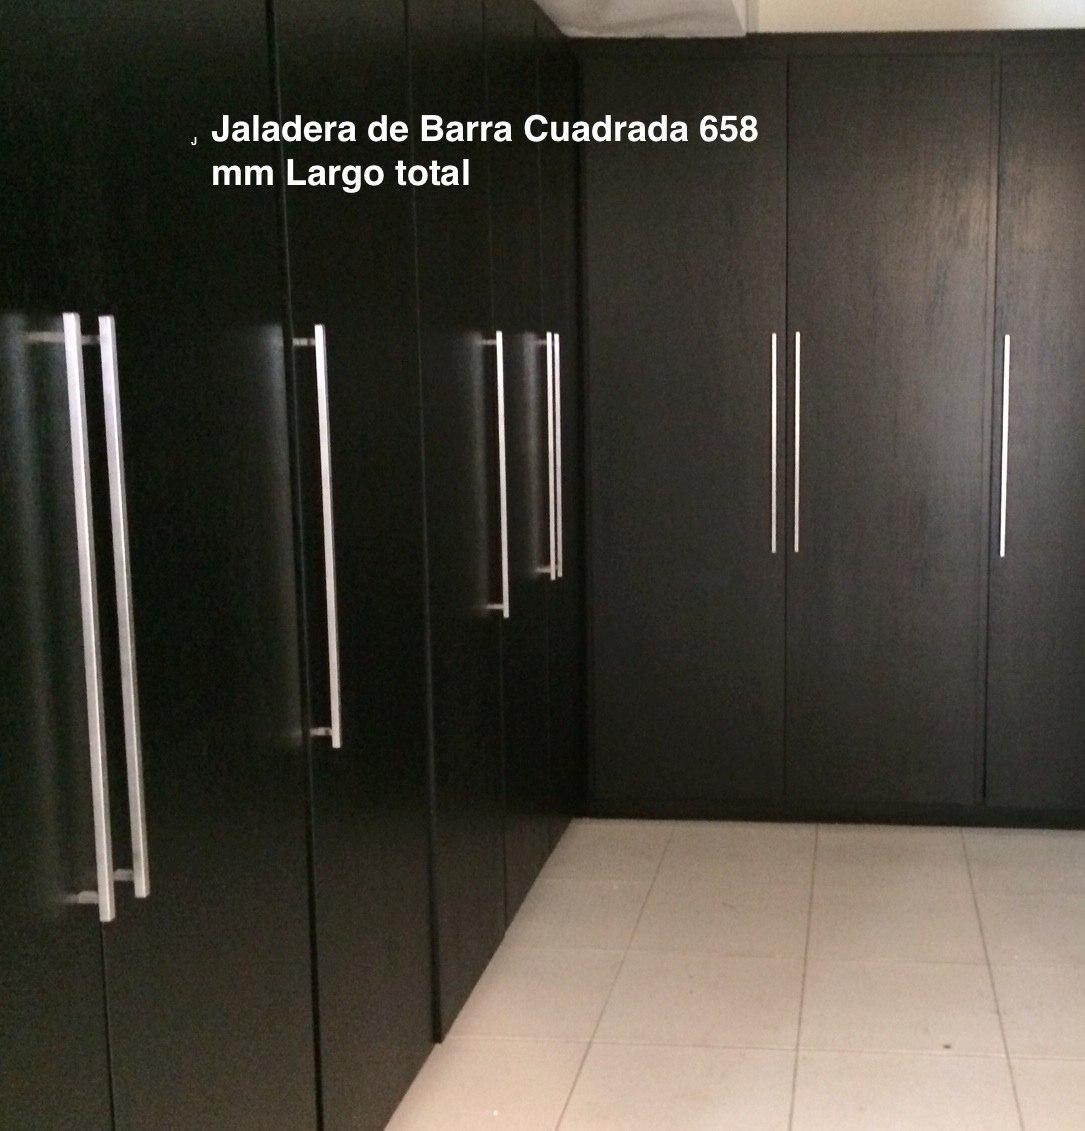 Jaladeras cuadradas para closets y cocina 1 en for Herrajes manijas para puertas